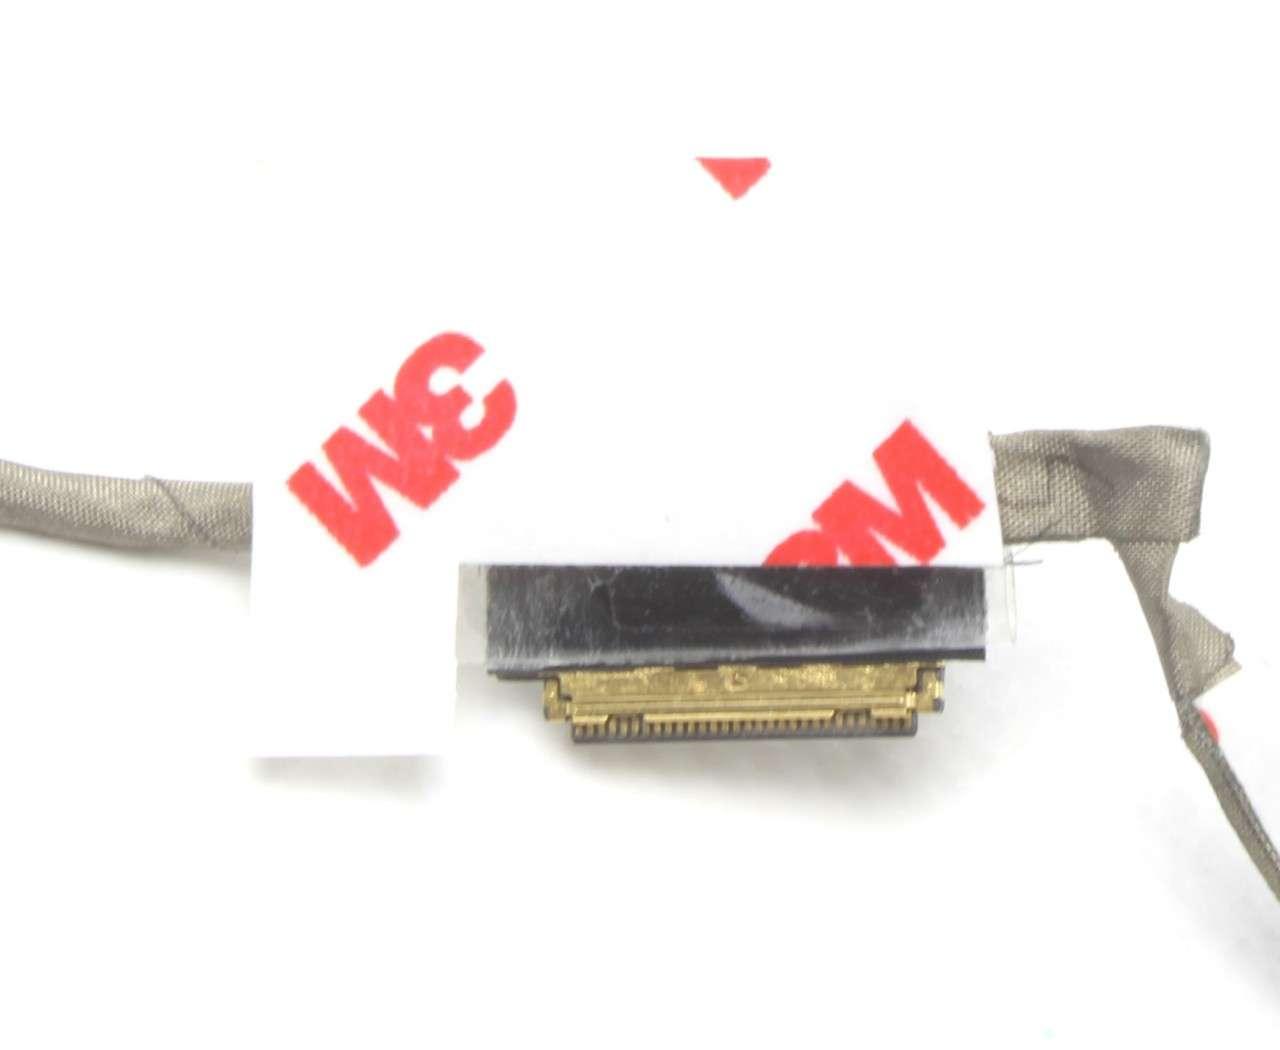 Cablu video LVDS Packard Bell Easynote TE69BM imagine powerlaptop.ro 2021